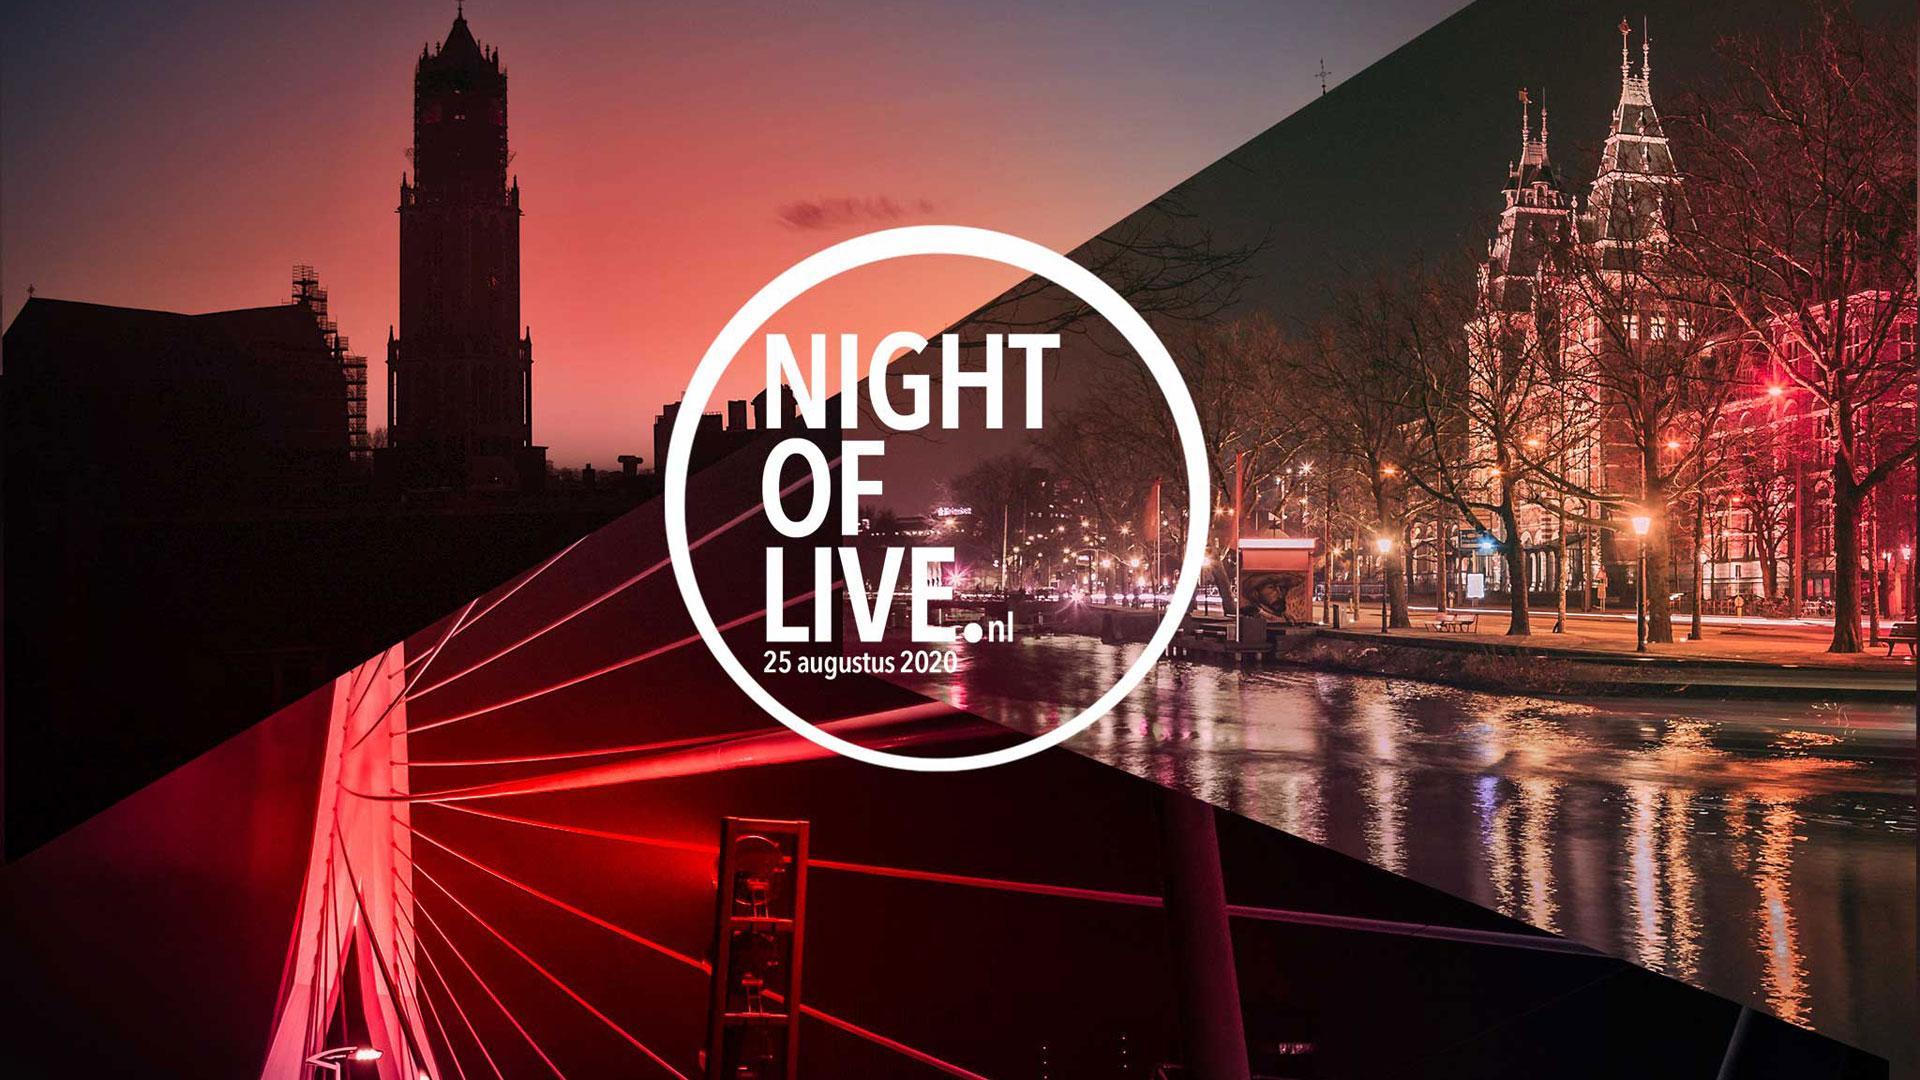 Evenementenindustrie kleurt rood tijdens NIGHT OF LIVE op 25 augustus